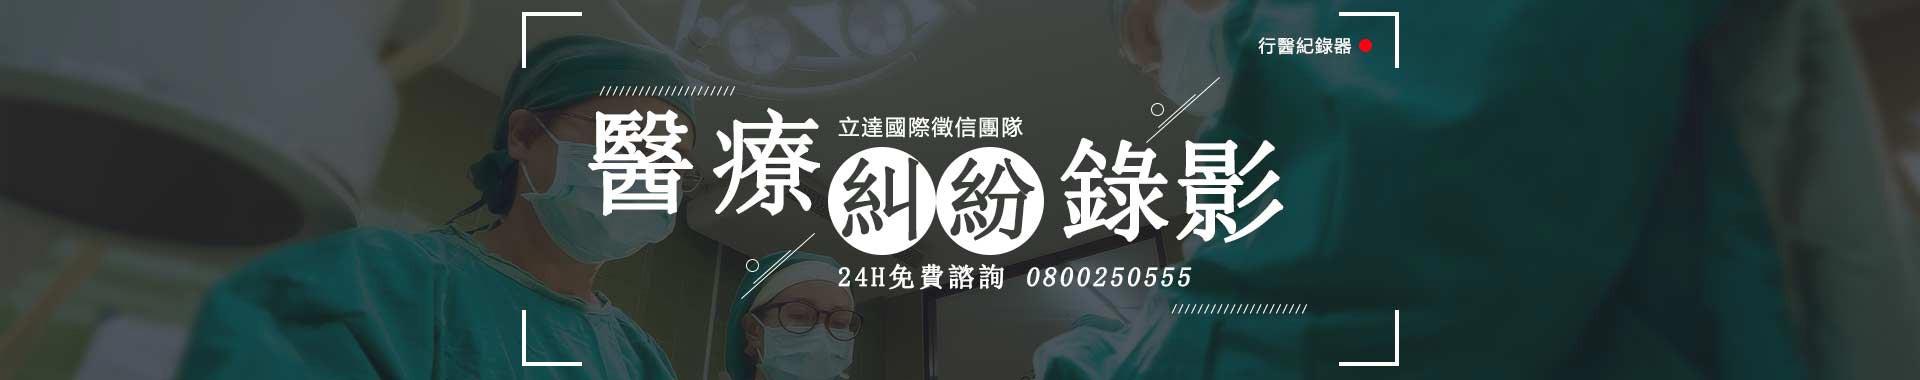 醫療糾紛錄影